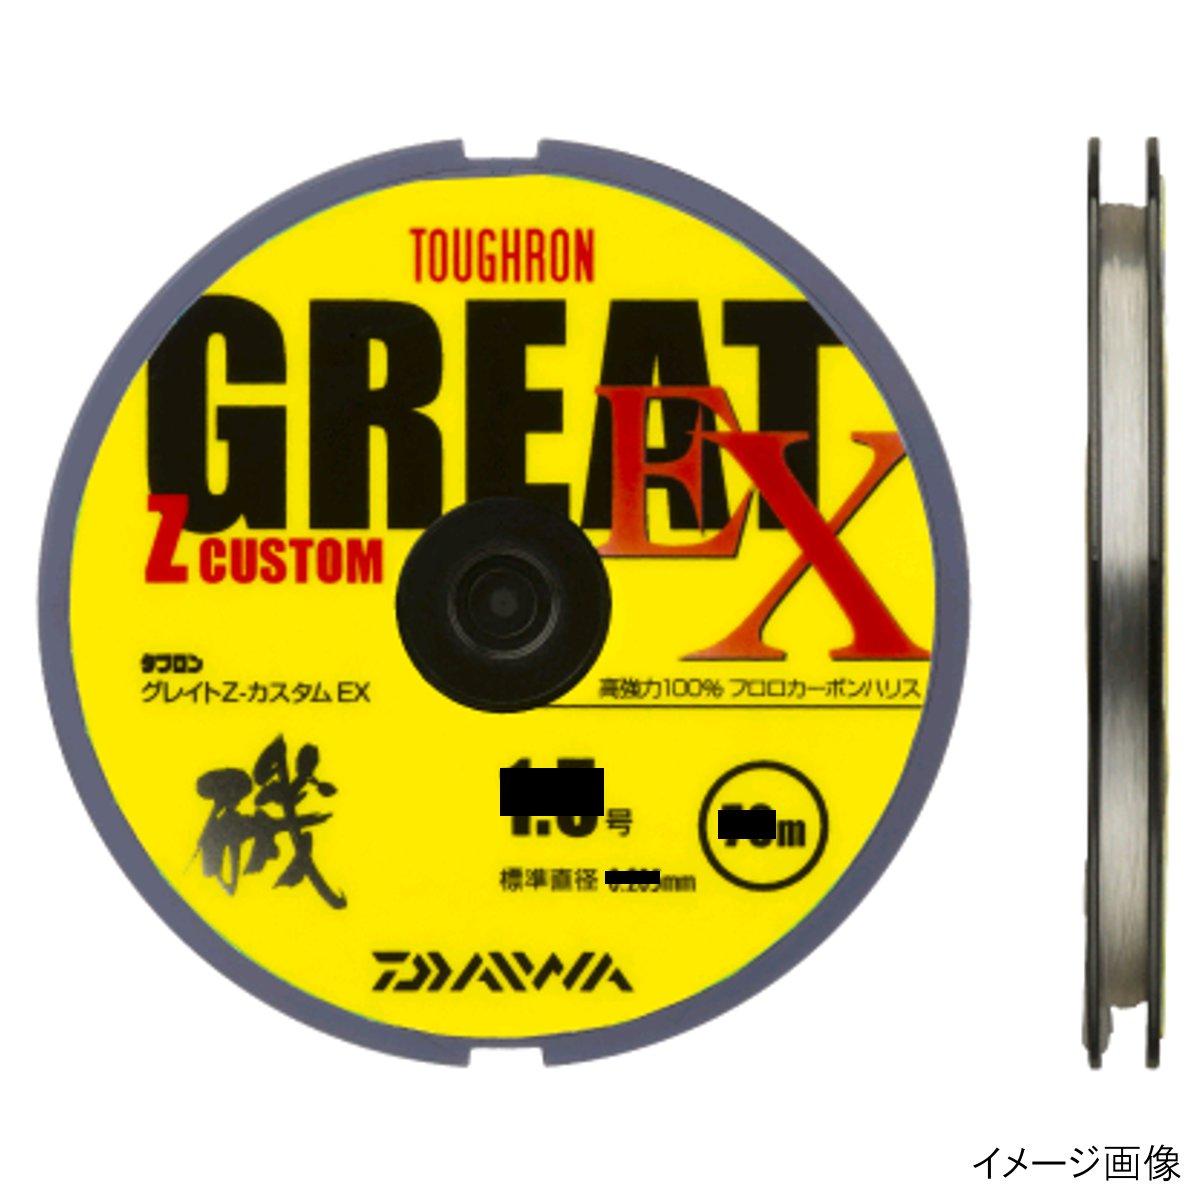 ダイワ タフロングレイトZカスタム EX 70m 1.5号 ナチュラル【ゆうパケット】